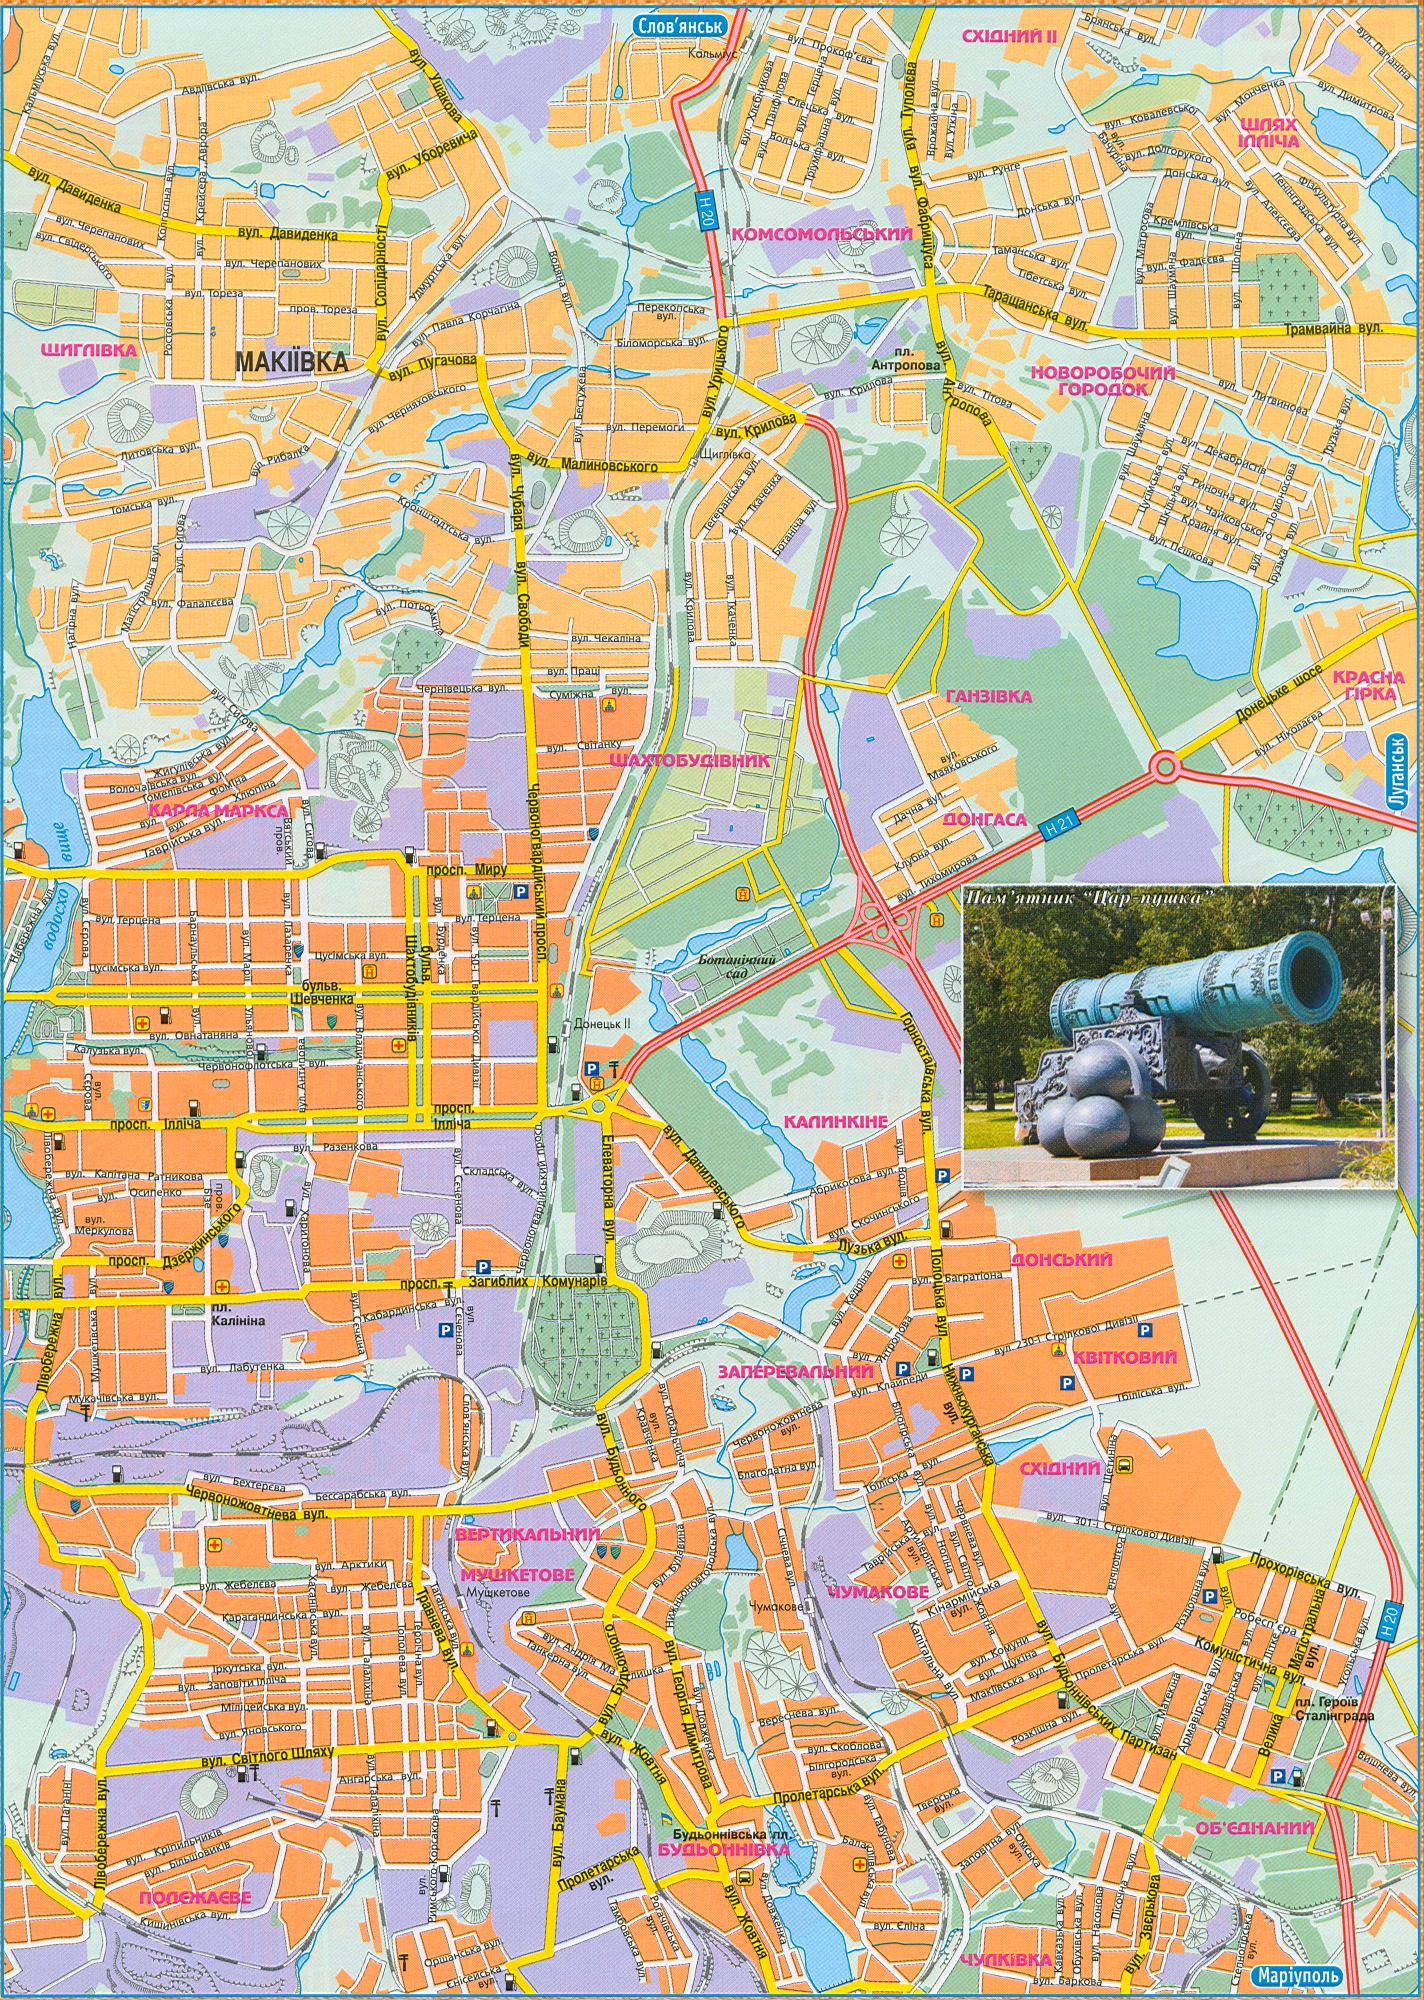 Украина, карта Донецка. Подробная карта автомобильных ...: http://map-auto.ru/map315419_0_1.htm